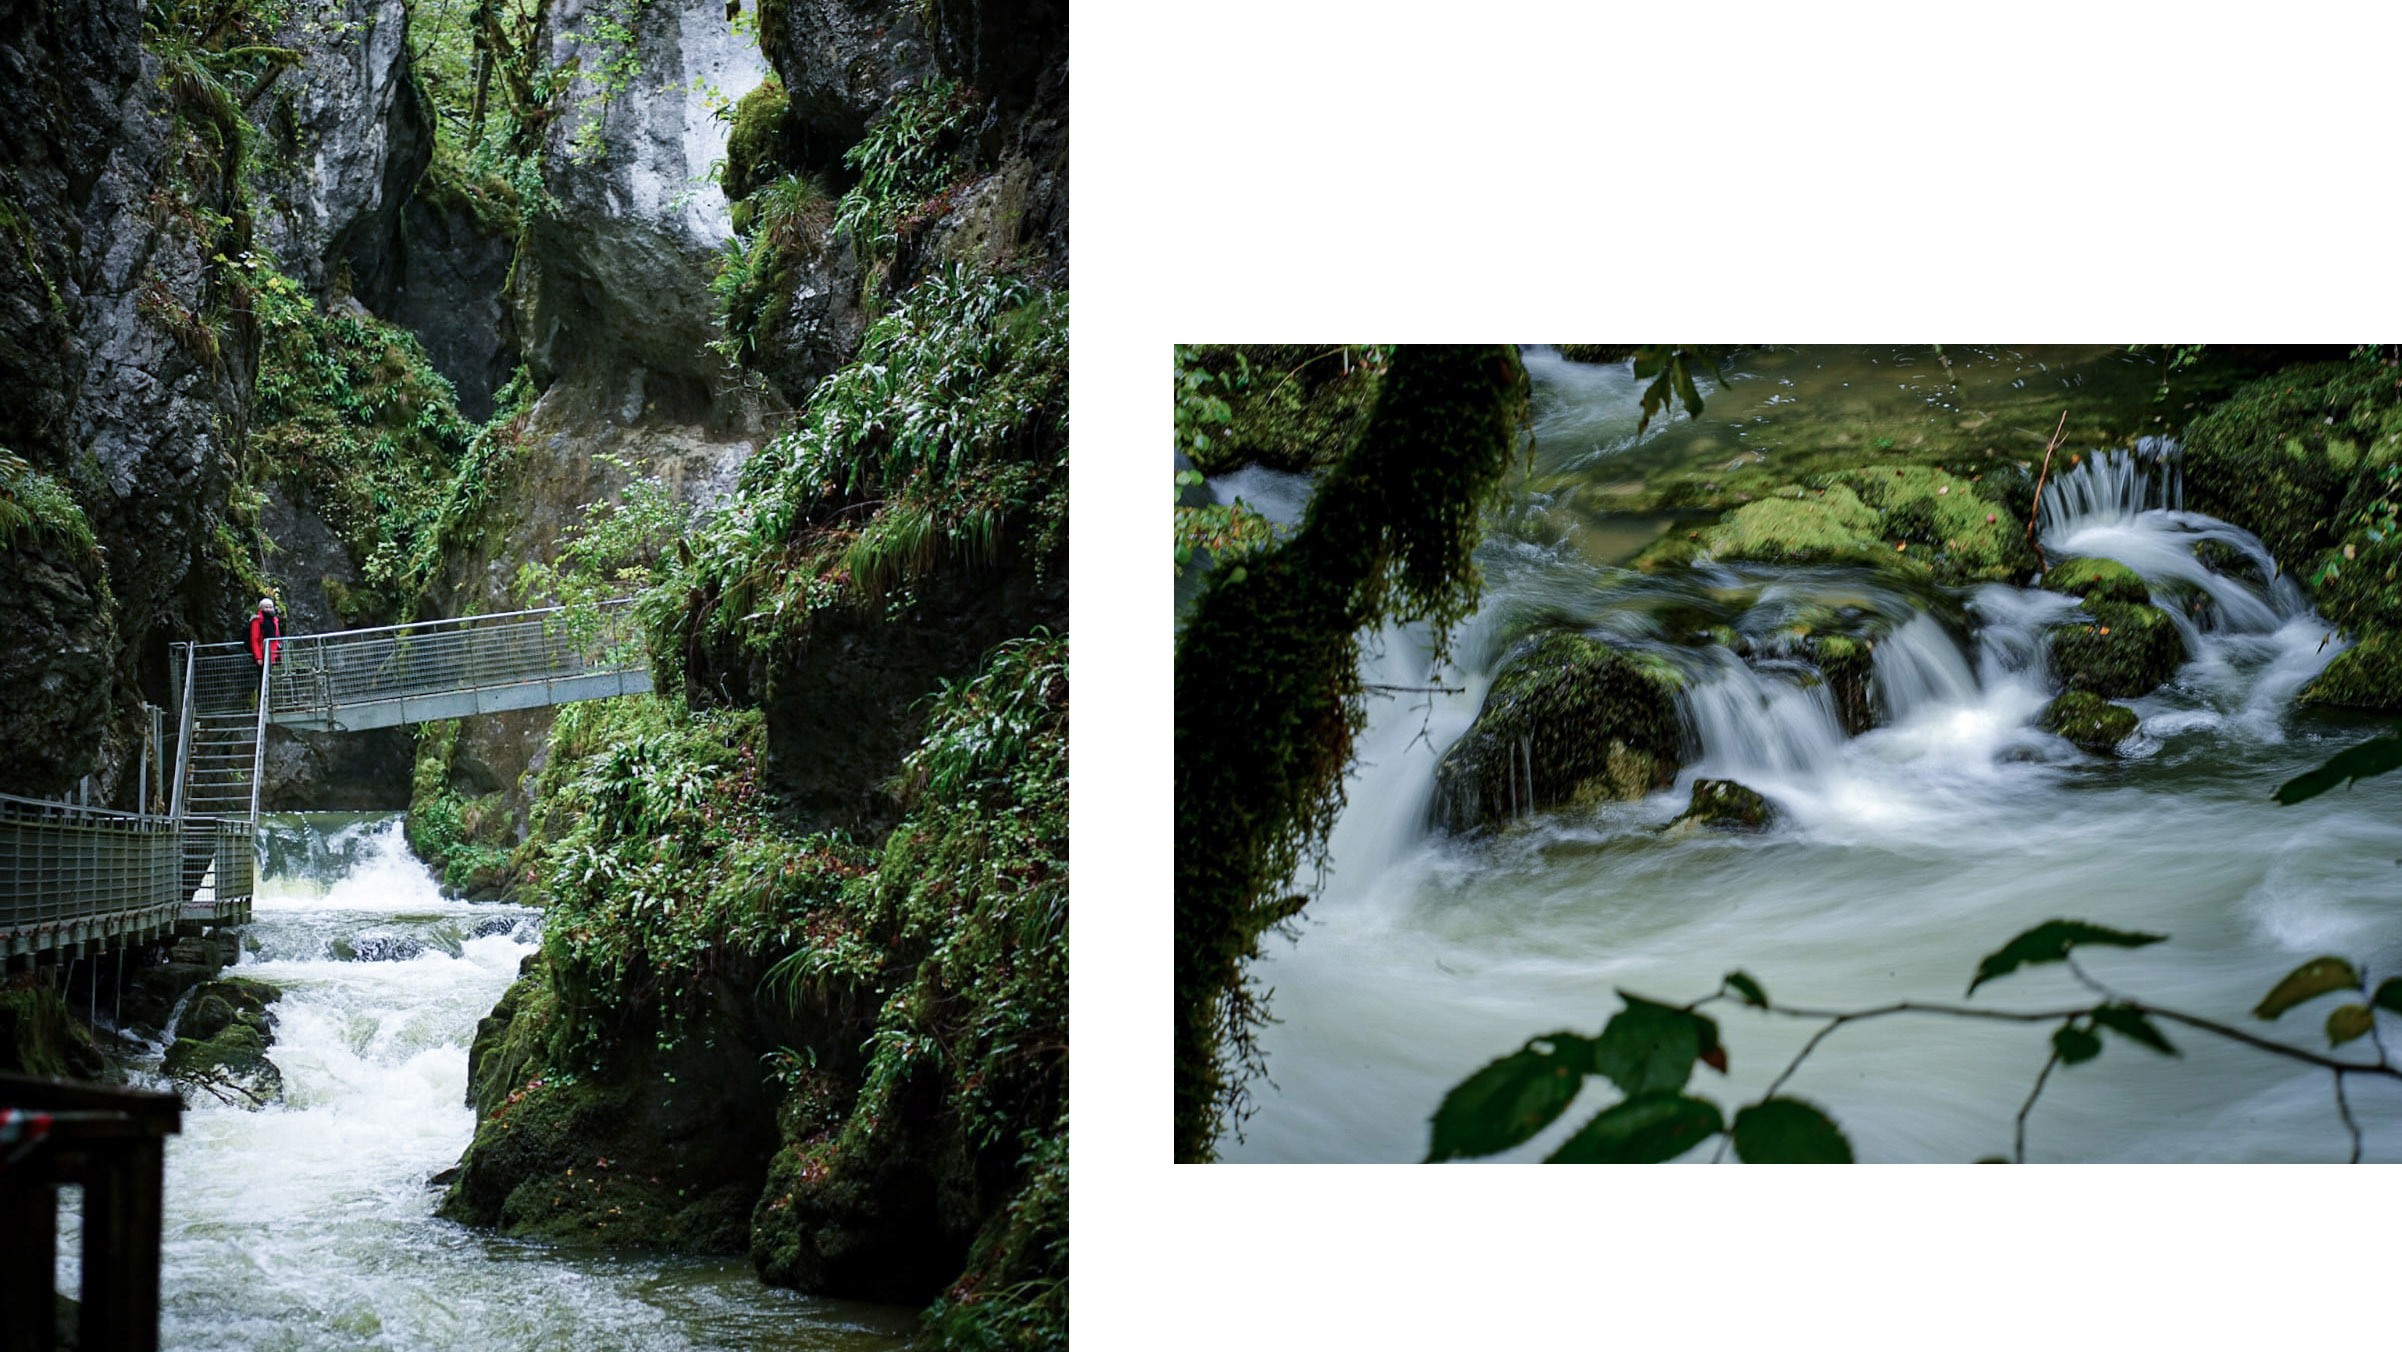 Gorges de l'Abîme cascades passerelle rochers falaises